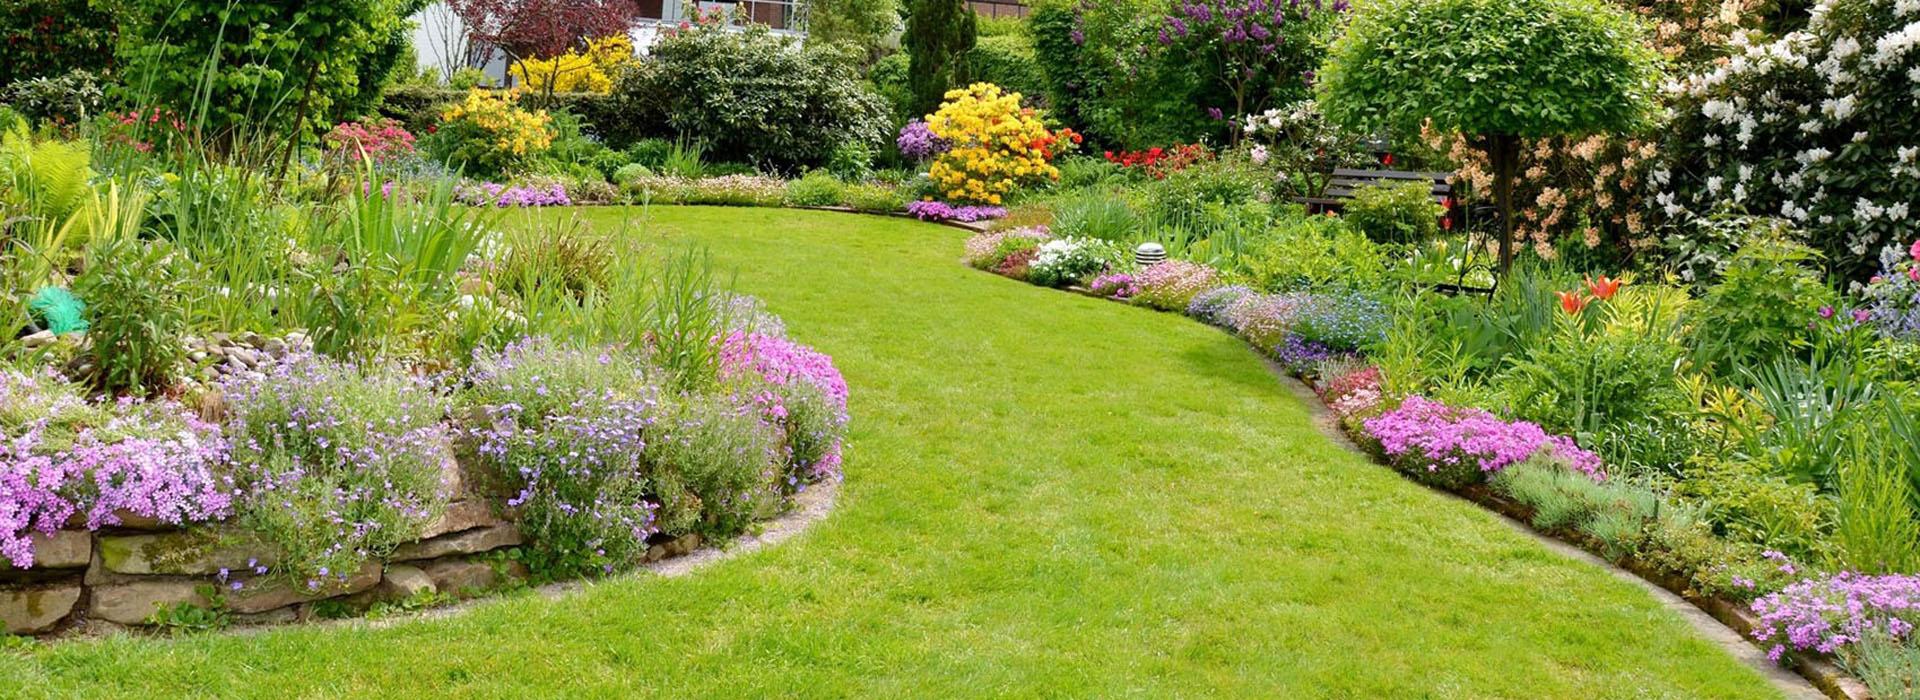 Giardiniere milano realizzazione giardini e terrazzi for Progettare un terrazzo giardino